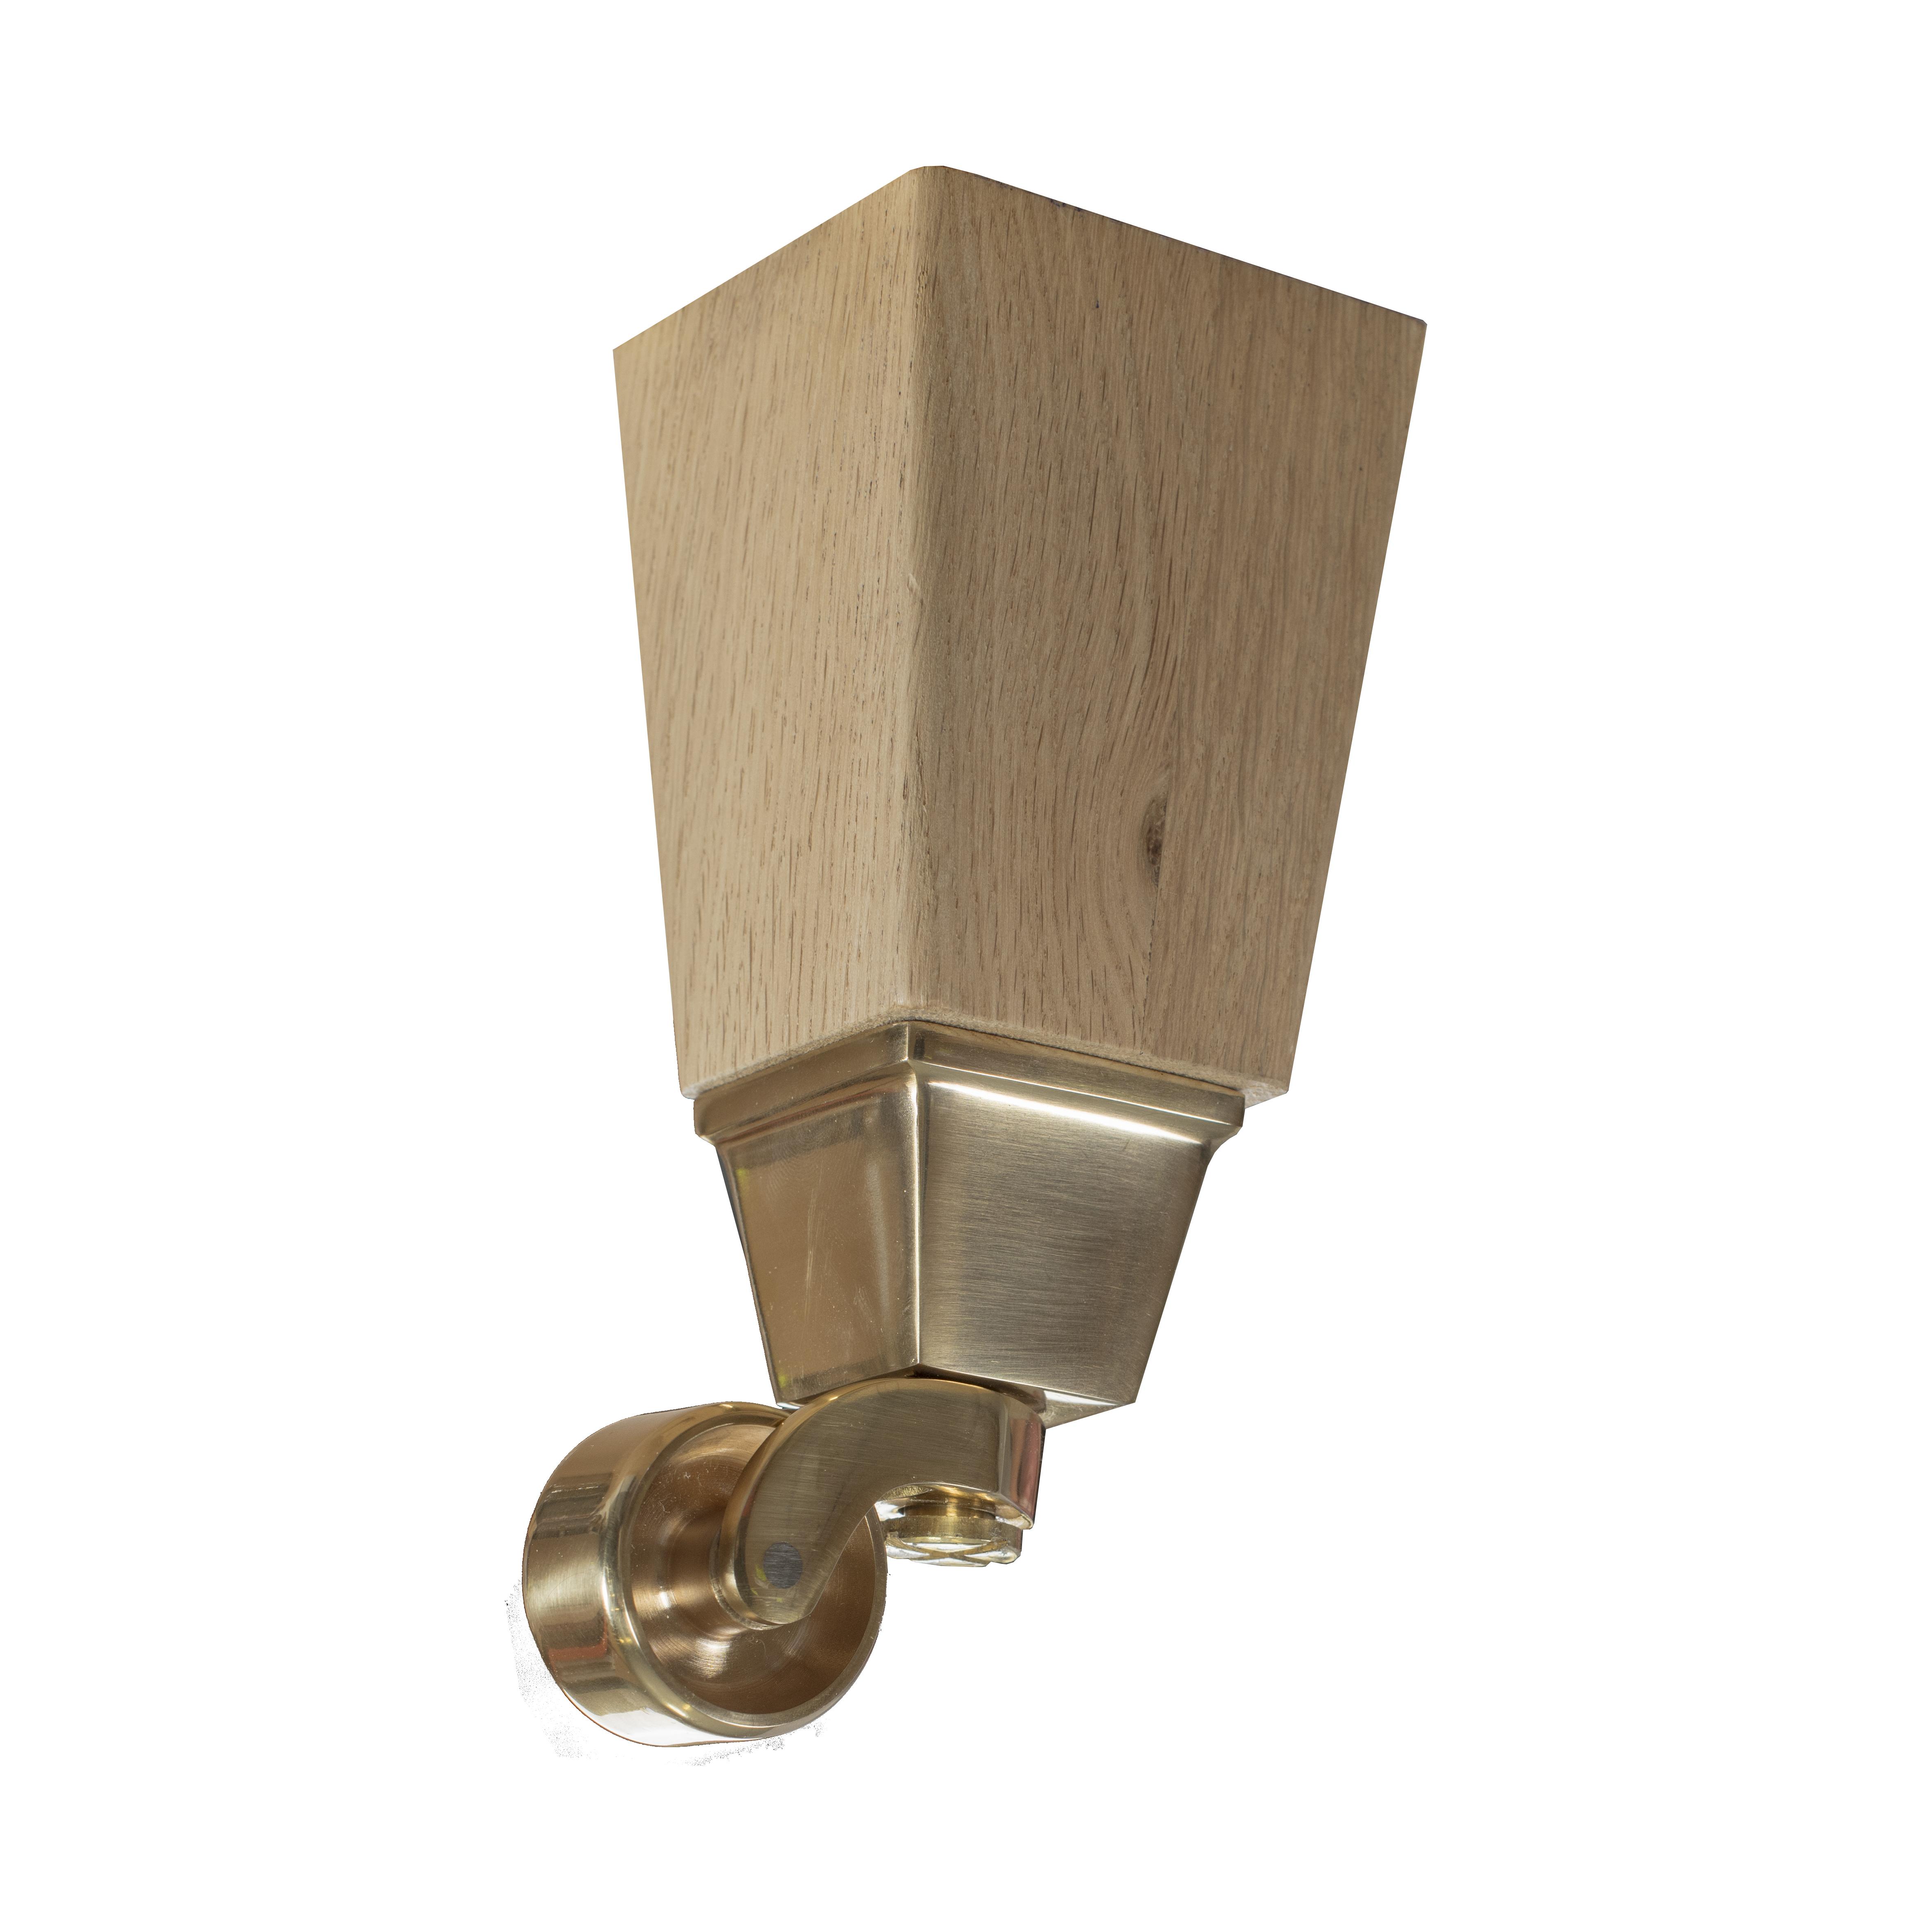 16 cm Carlton koniska ben i naturek med hjul i mässing - englesson.se